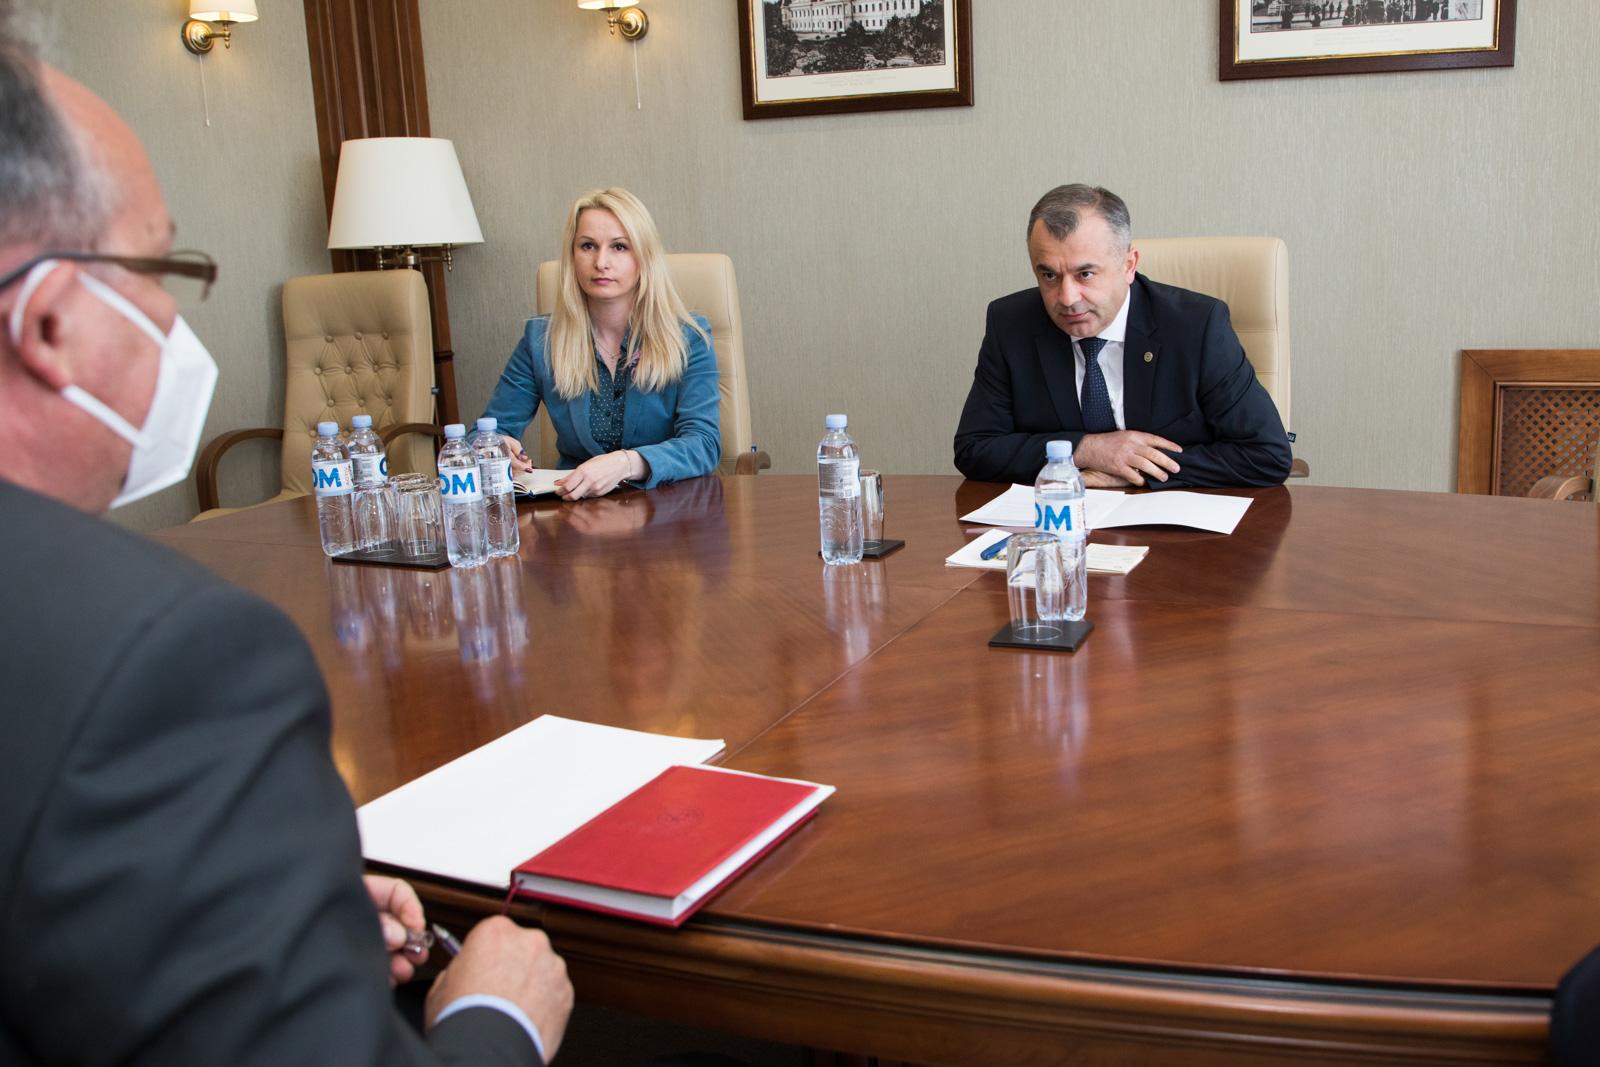 Кику – послу Румынии: Отношения между нашими странами должны строиться на взаимном уважении. Вмешательство во внутренние дела недопустимо